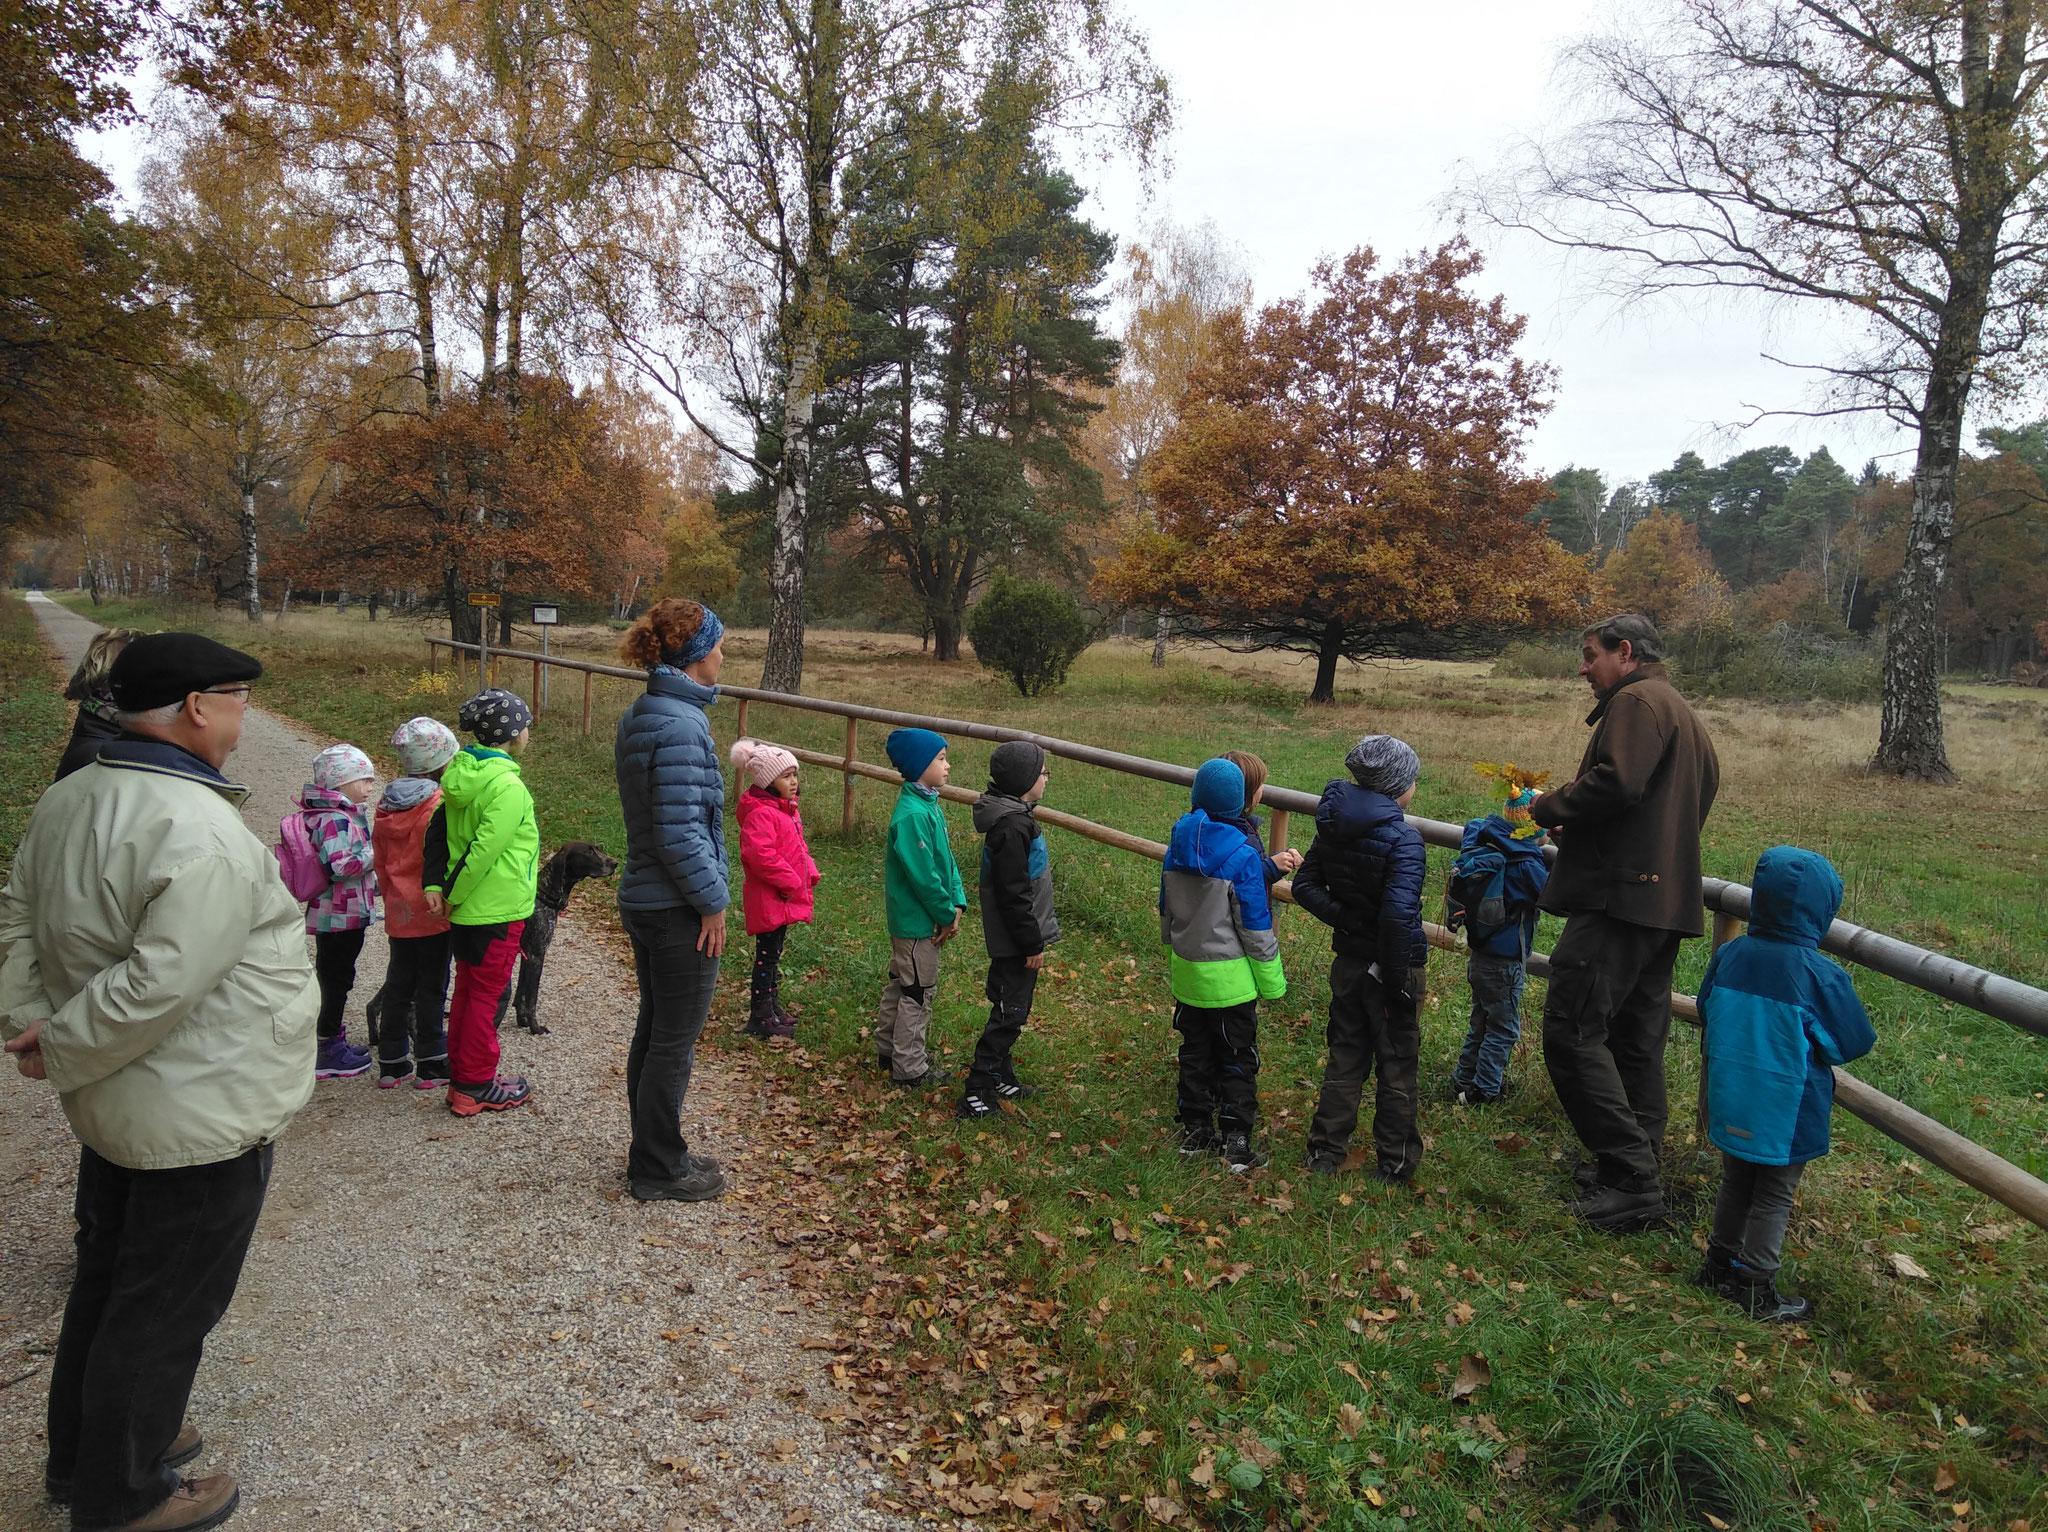 Spaziergang mit dem Förster durch die Nöttinger Heide - November 2018